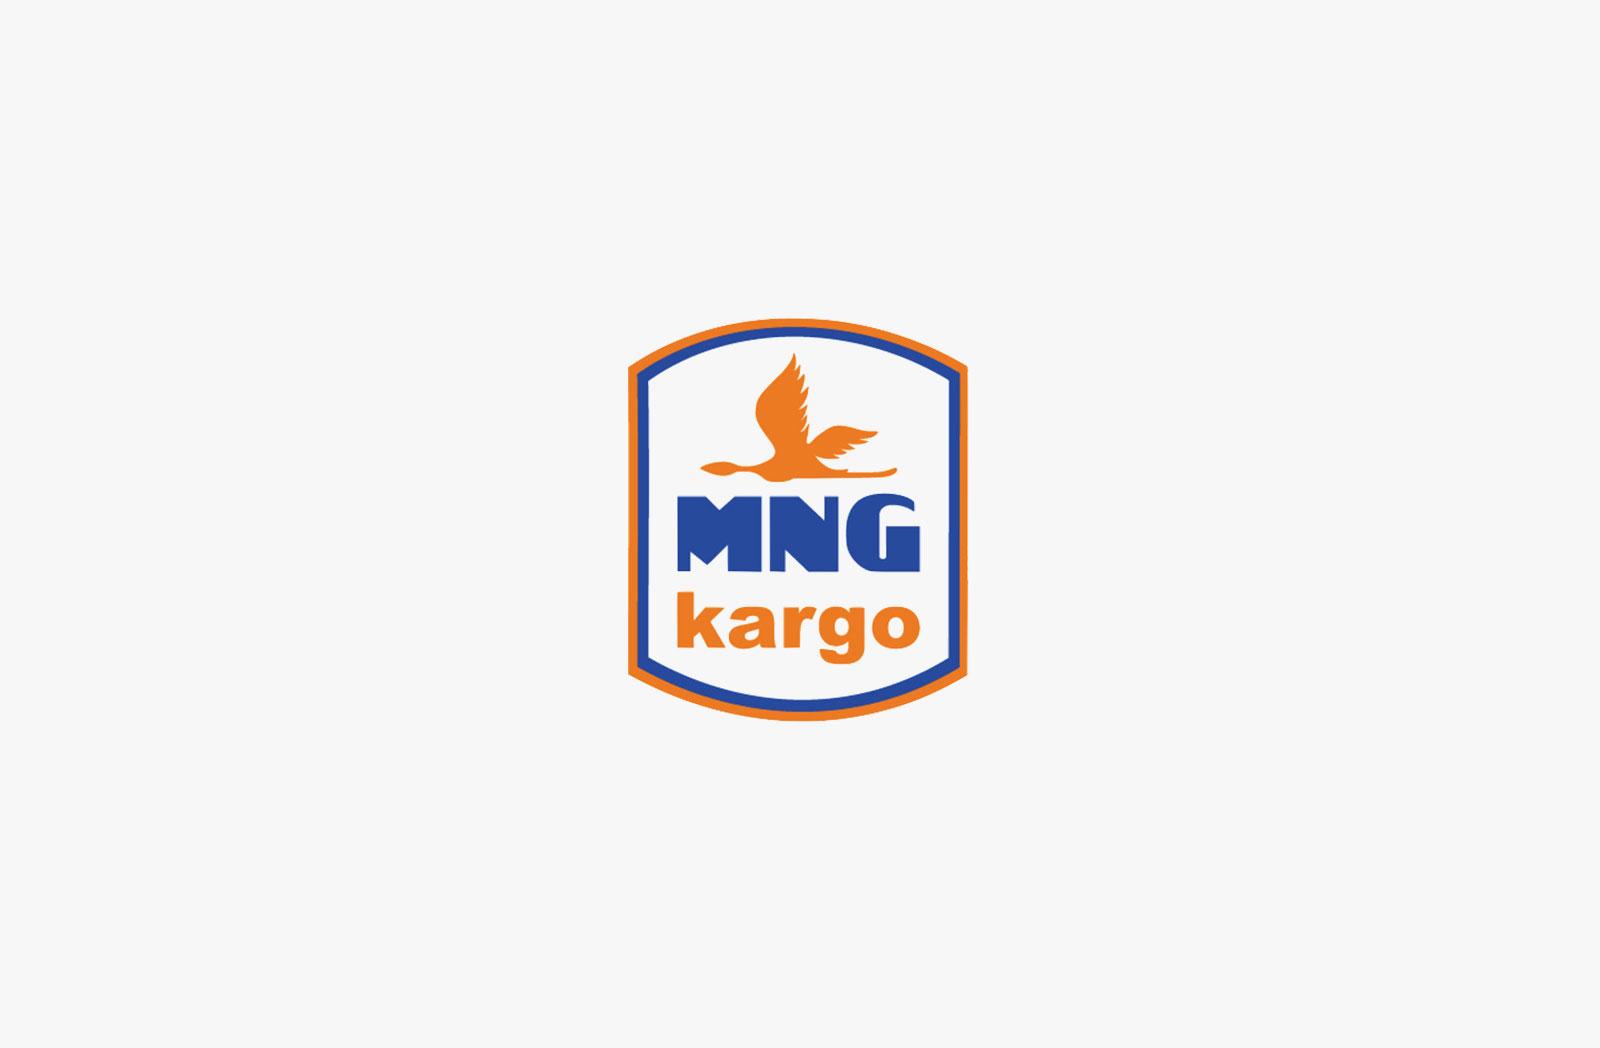 mng-kargo-entegrasyon